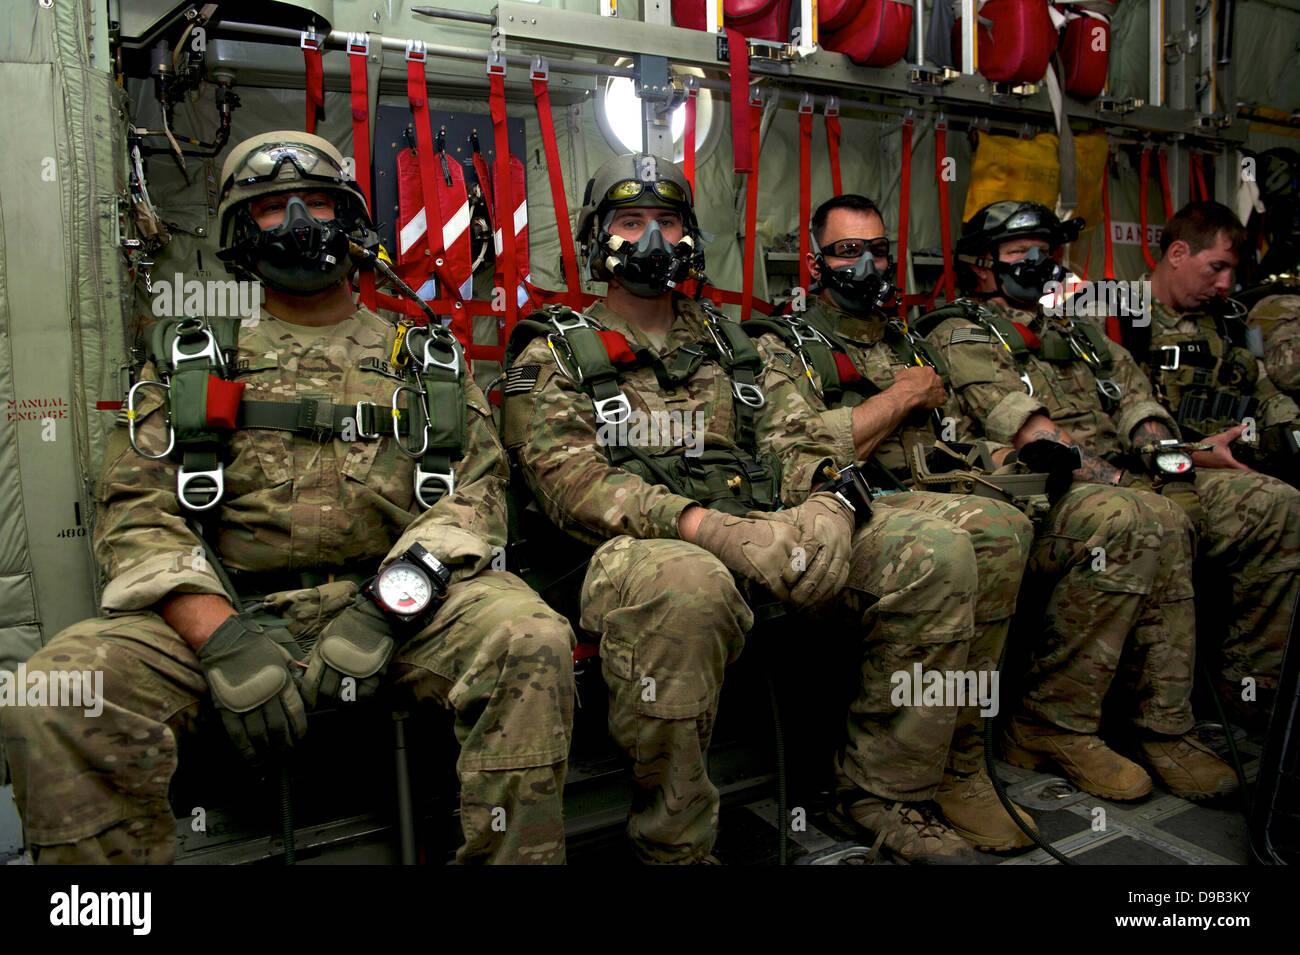 US-Armee Operational Detachment Alpha aus 7th Special Forces Group wartet an Bord einer c-130, einen niedrige Öffnung Stockbild